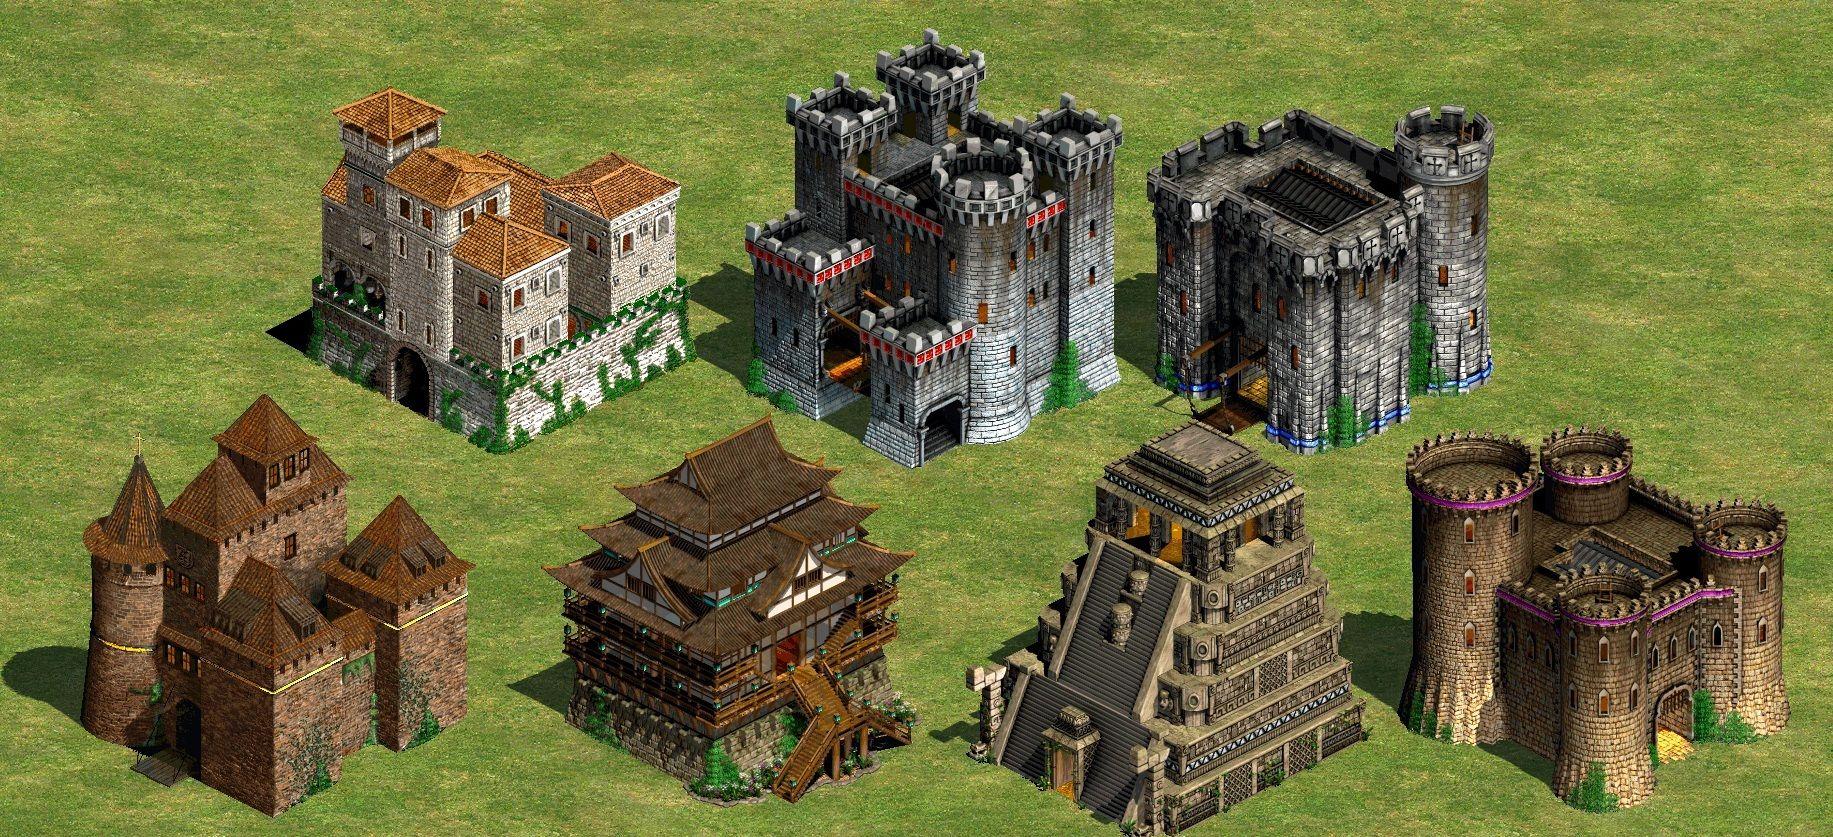 De Starcraft A Age Of Empires Cuando La Arquitectura Es El Videojuego Age Of Empires Age Of Empire Game Starcraft